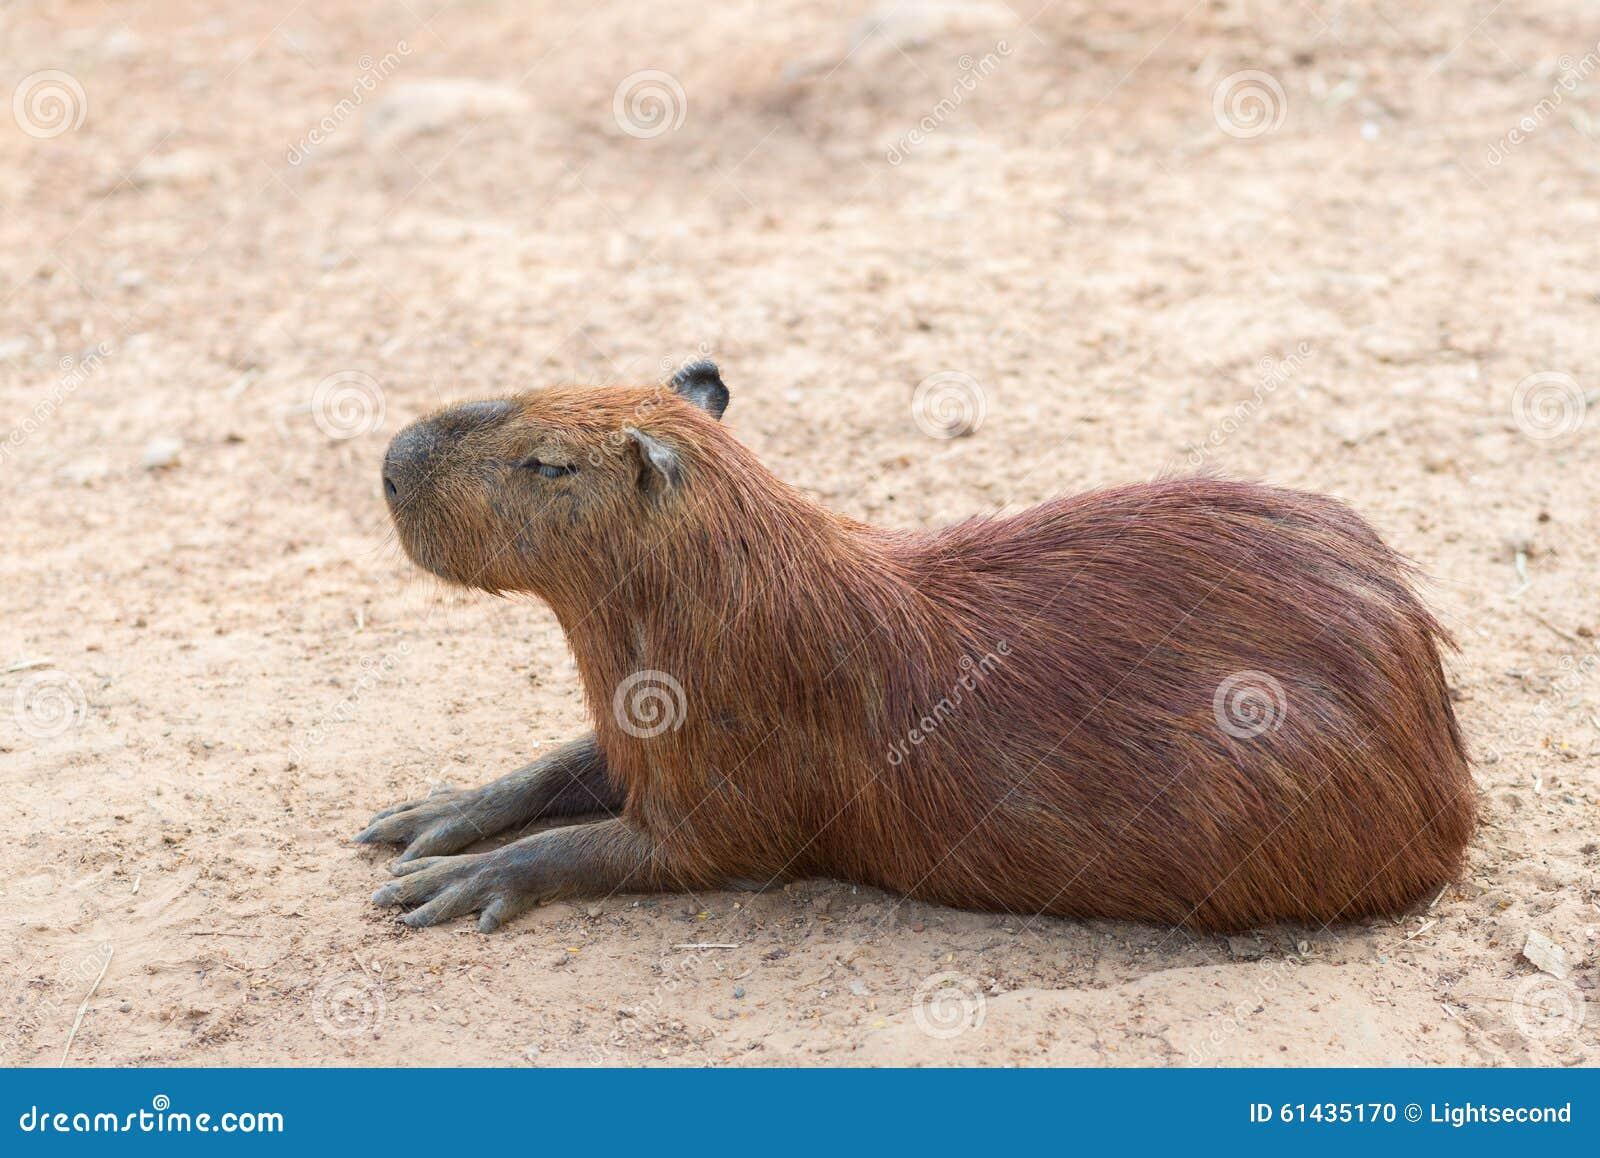 El capybara es el roedor más grande